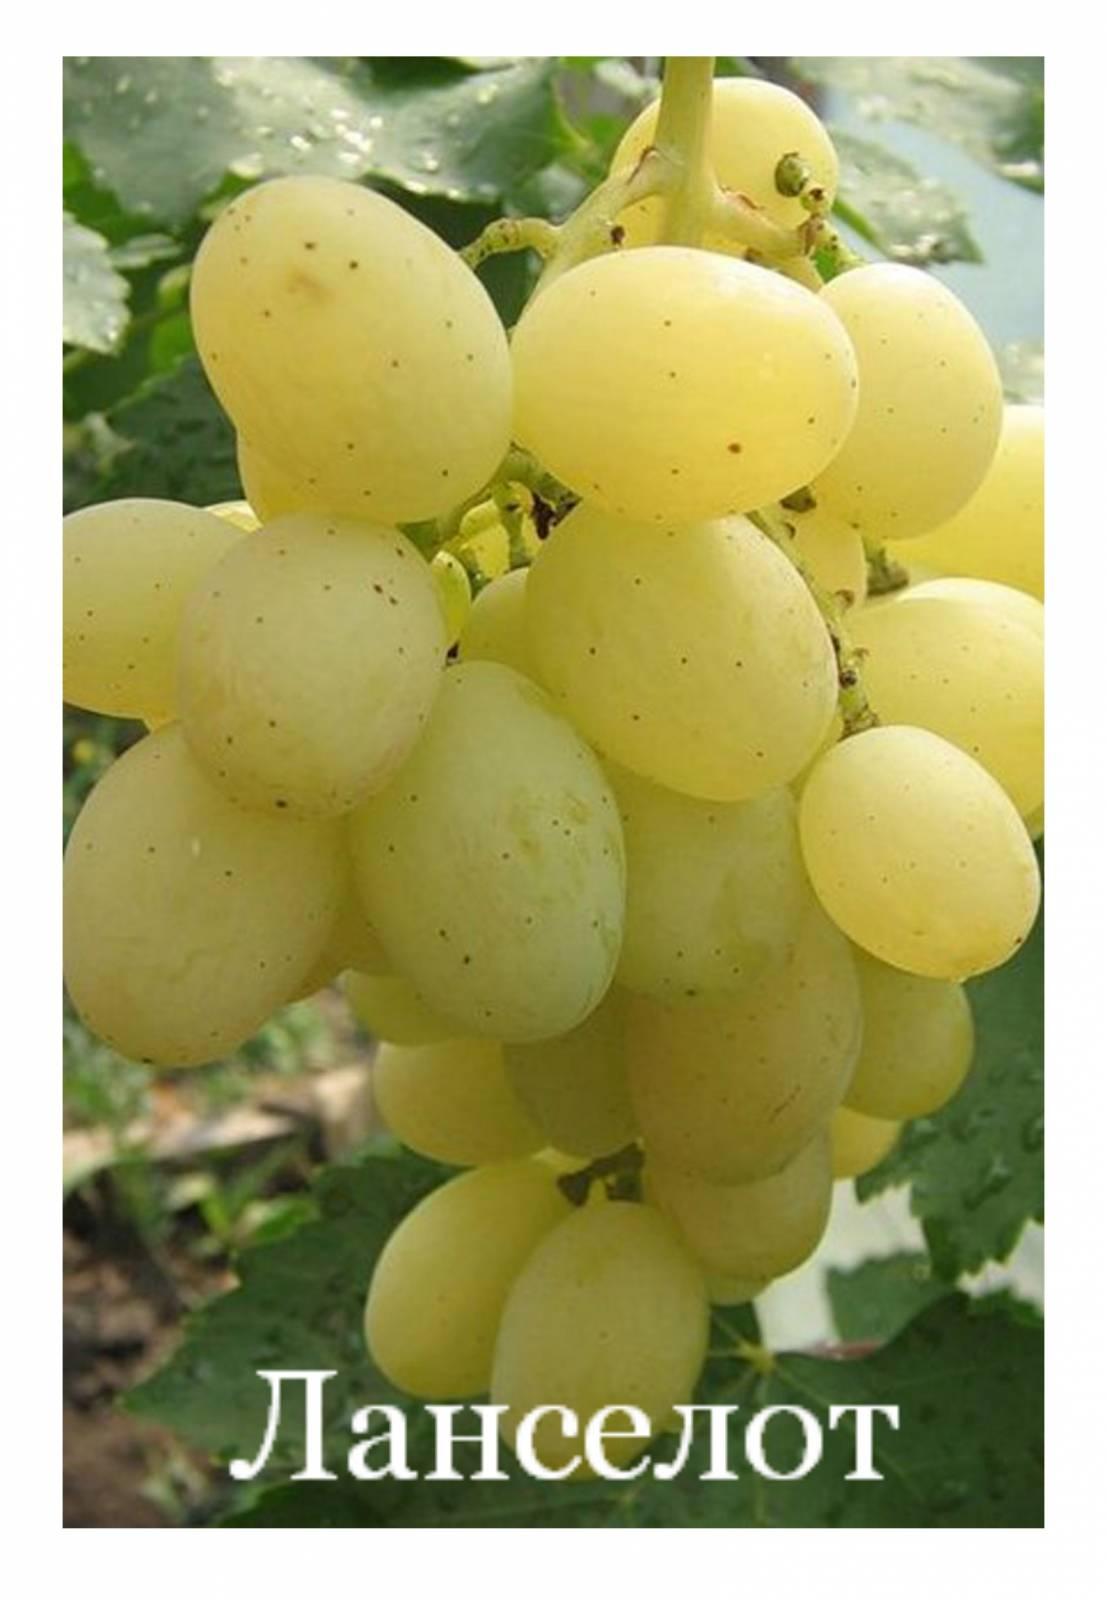 Виноград подарок украине описание и фото